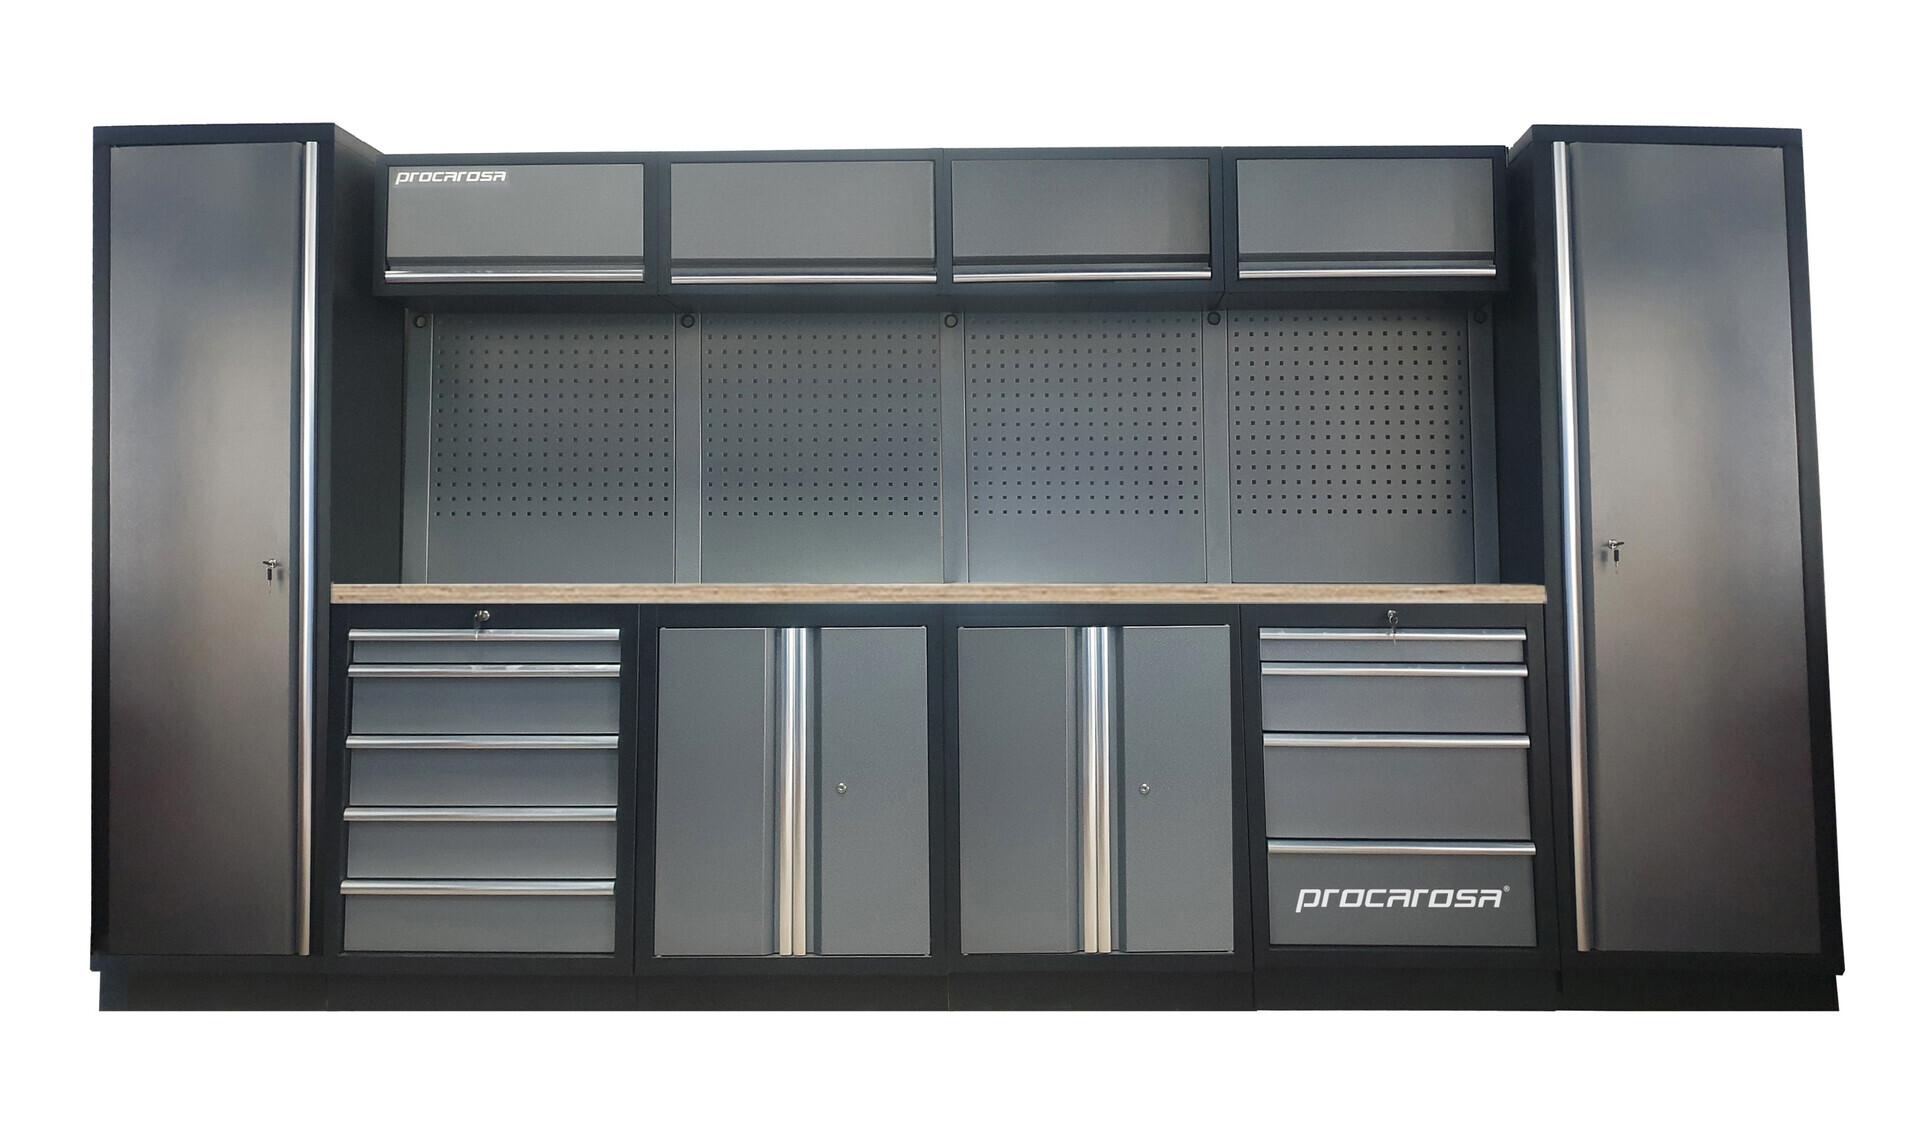 Sestava dílenského nábytku Procarosa PROFESSIONAL L-3 Pracovní deska: dřevěná, Hmotnost: 3